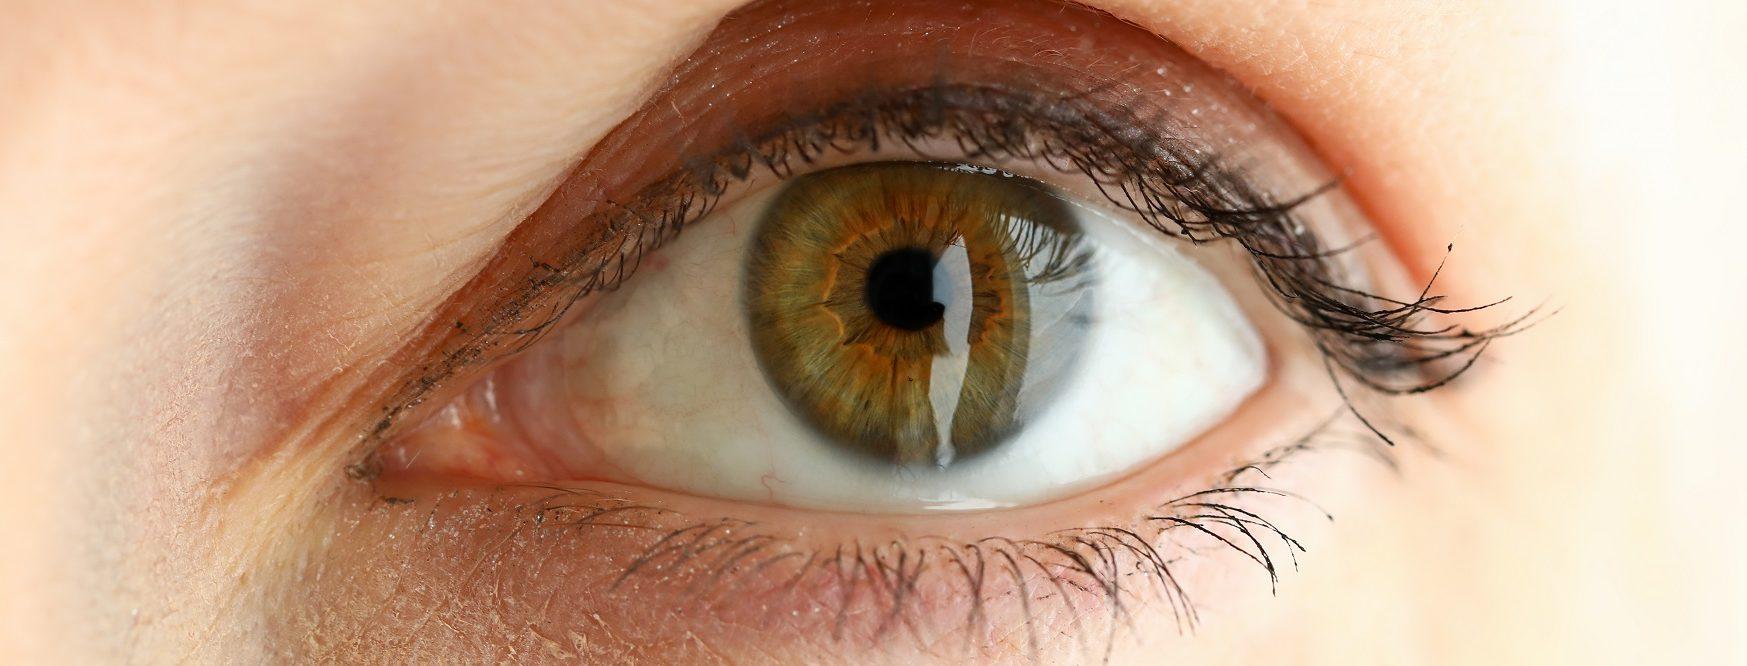 eyesight tips